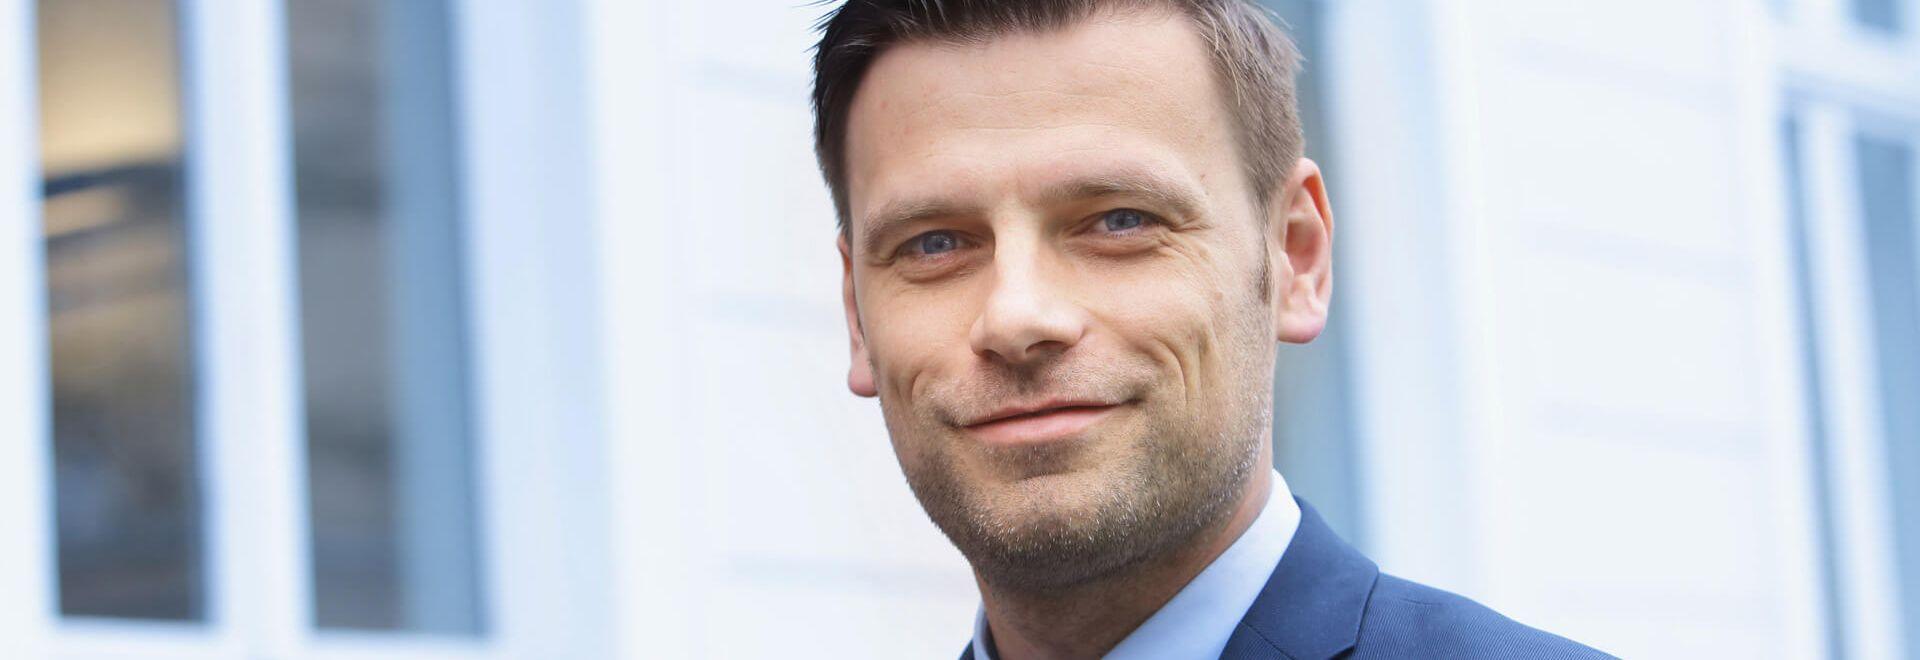 Rechtsanwalt und Notar Niklas Kemper